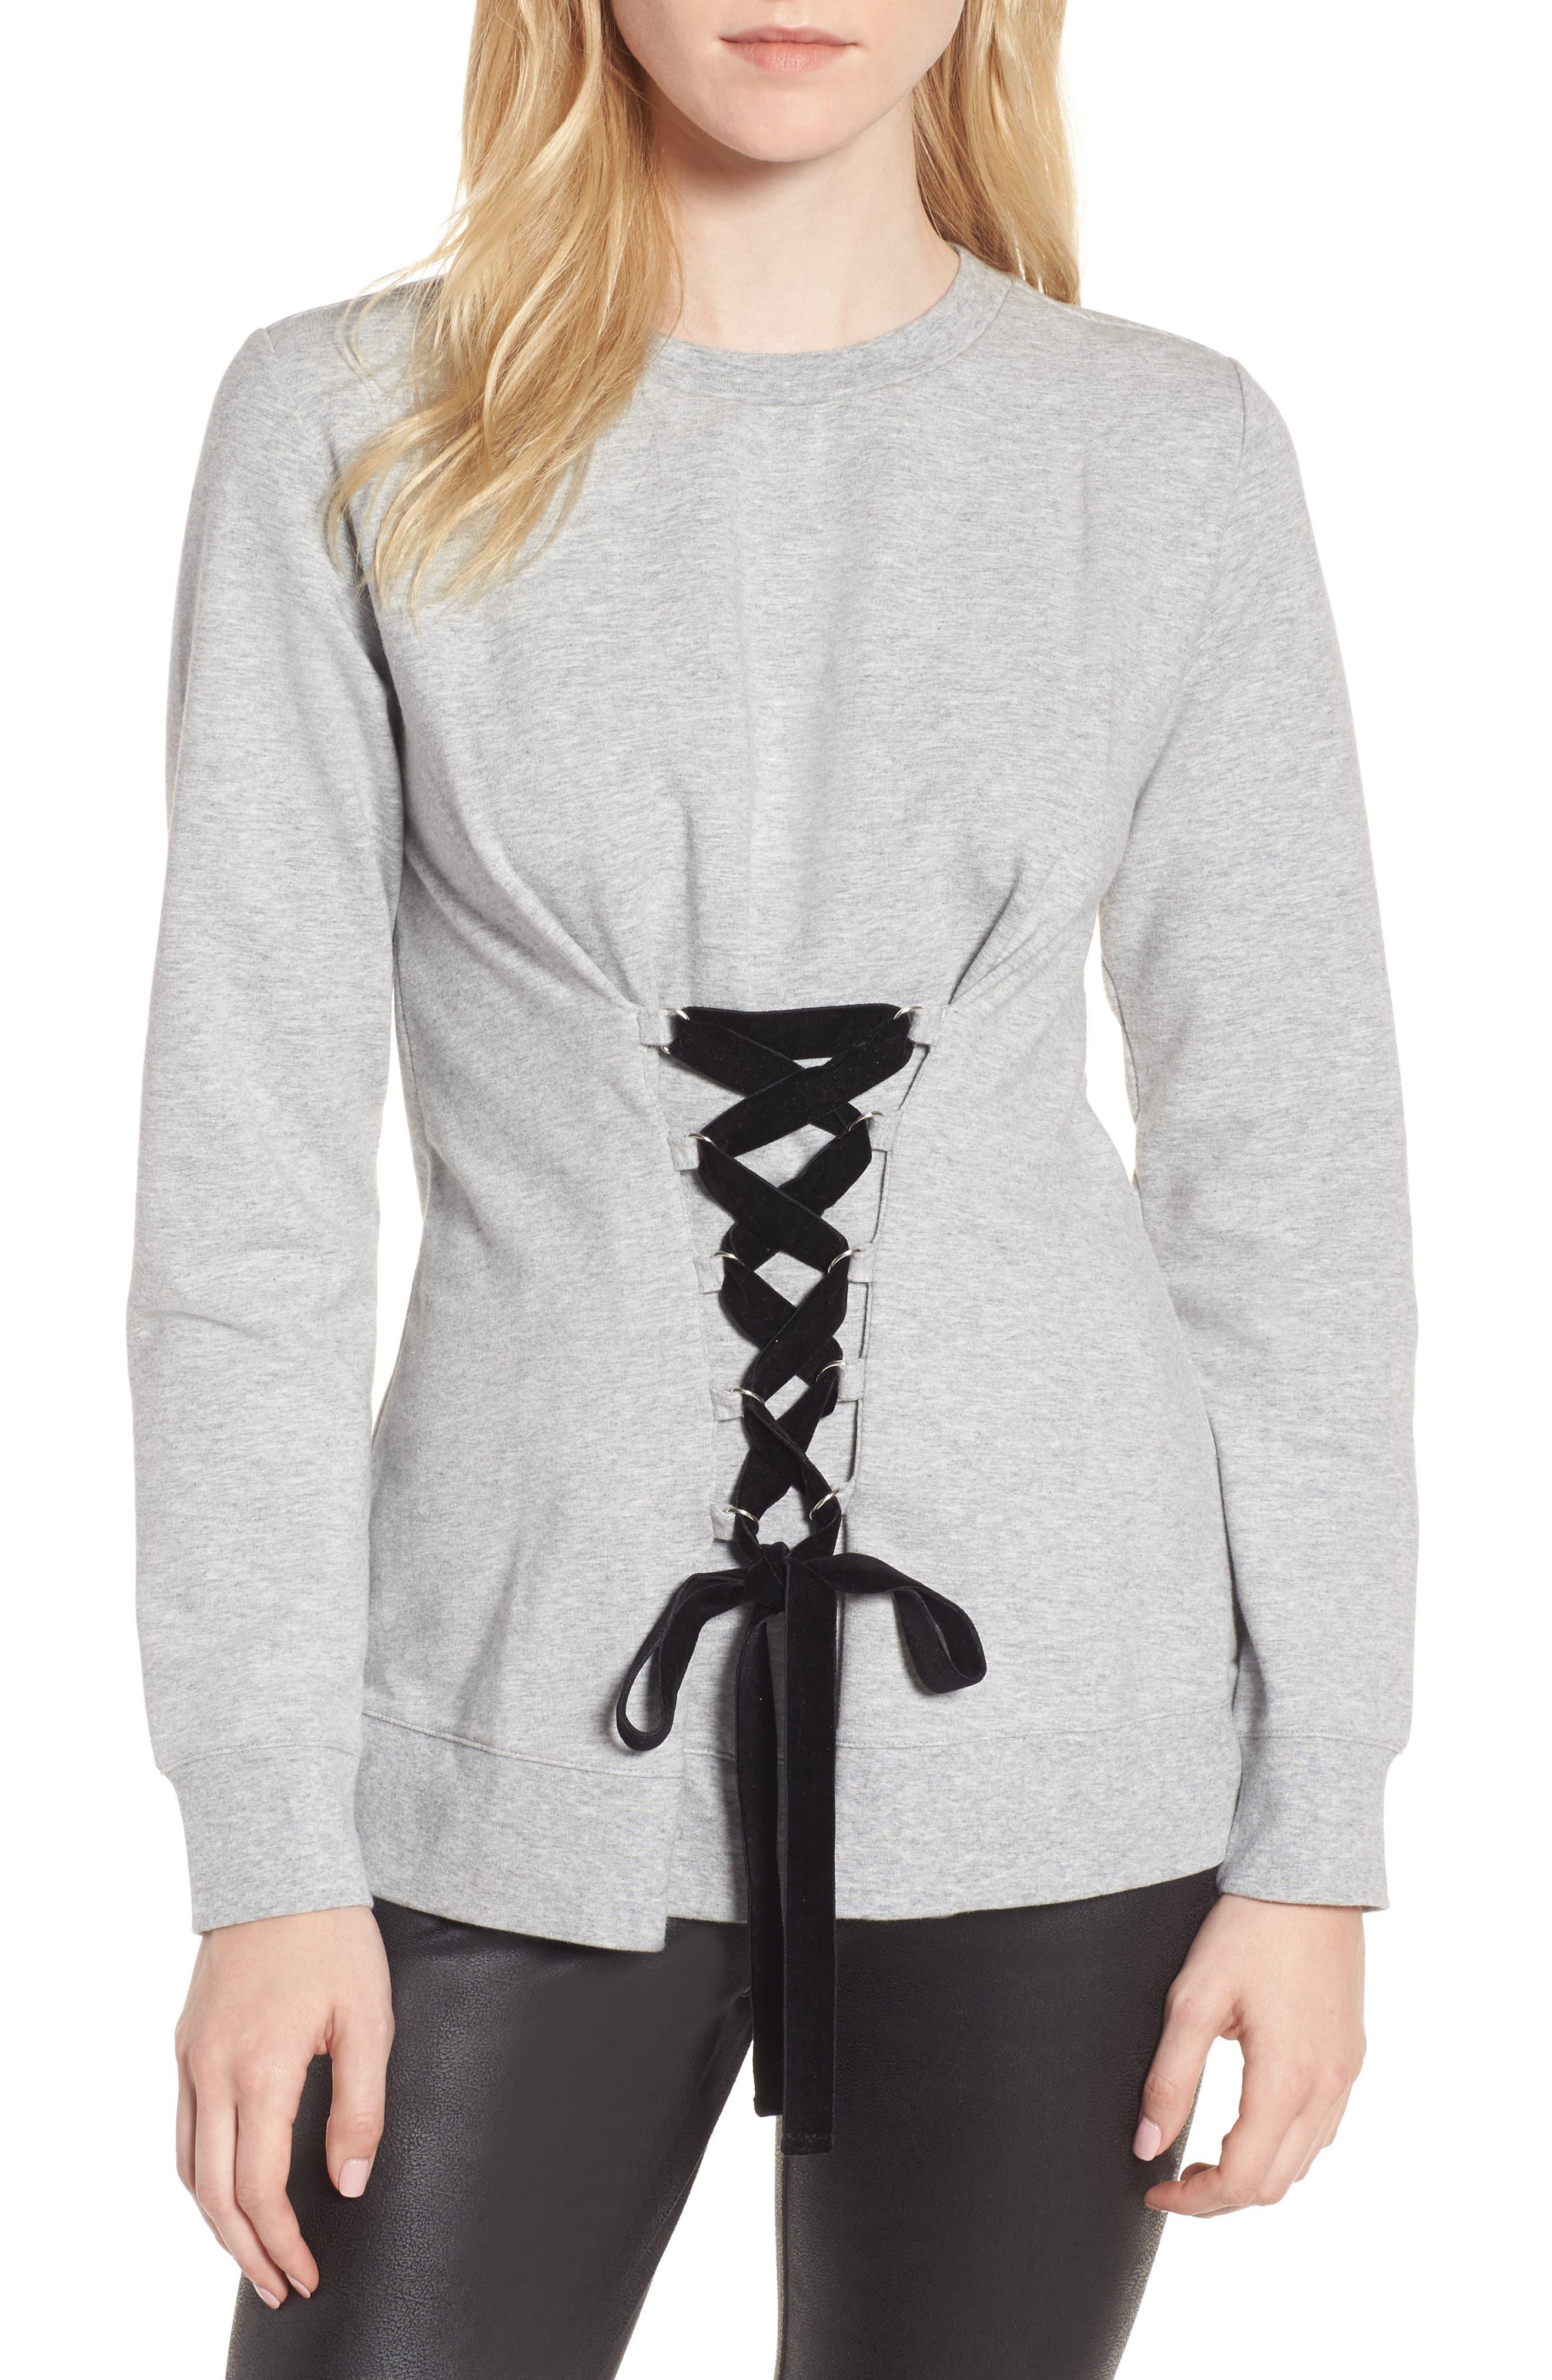 Trouvé Lace-Up Sweatshirt